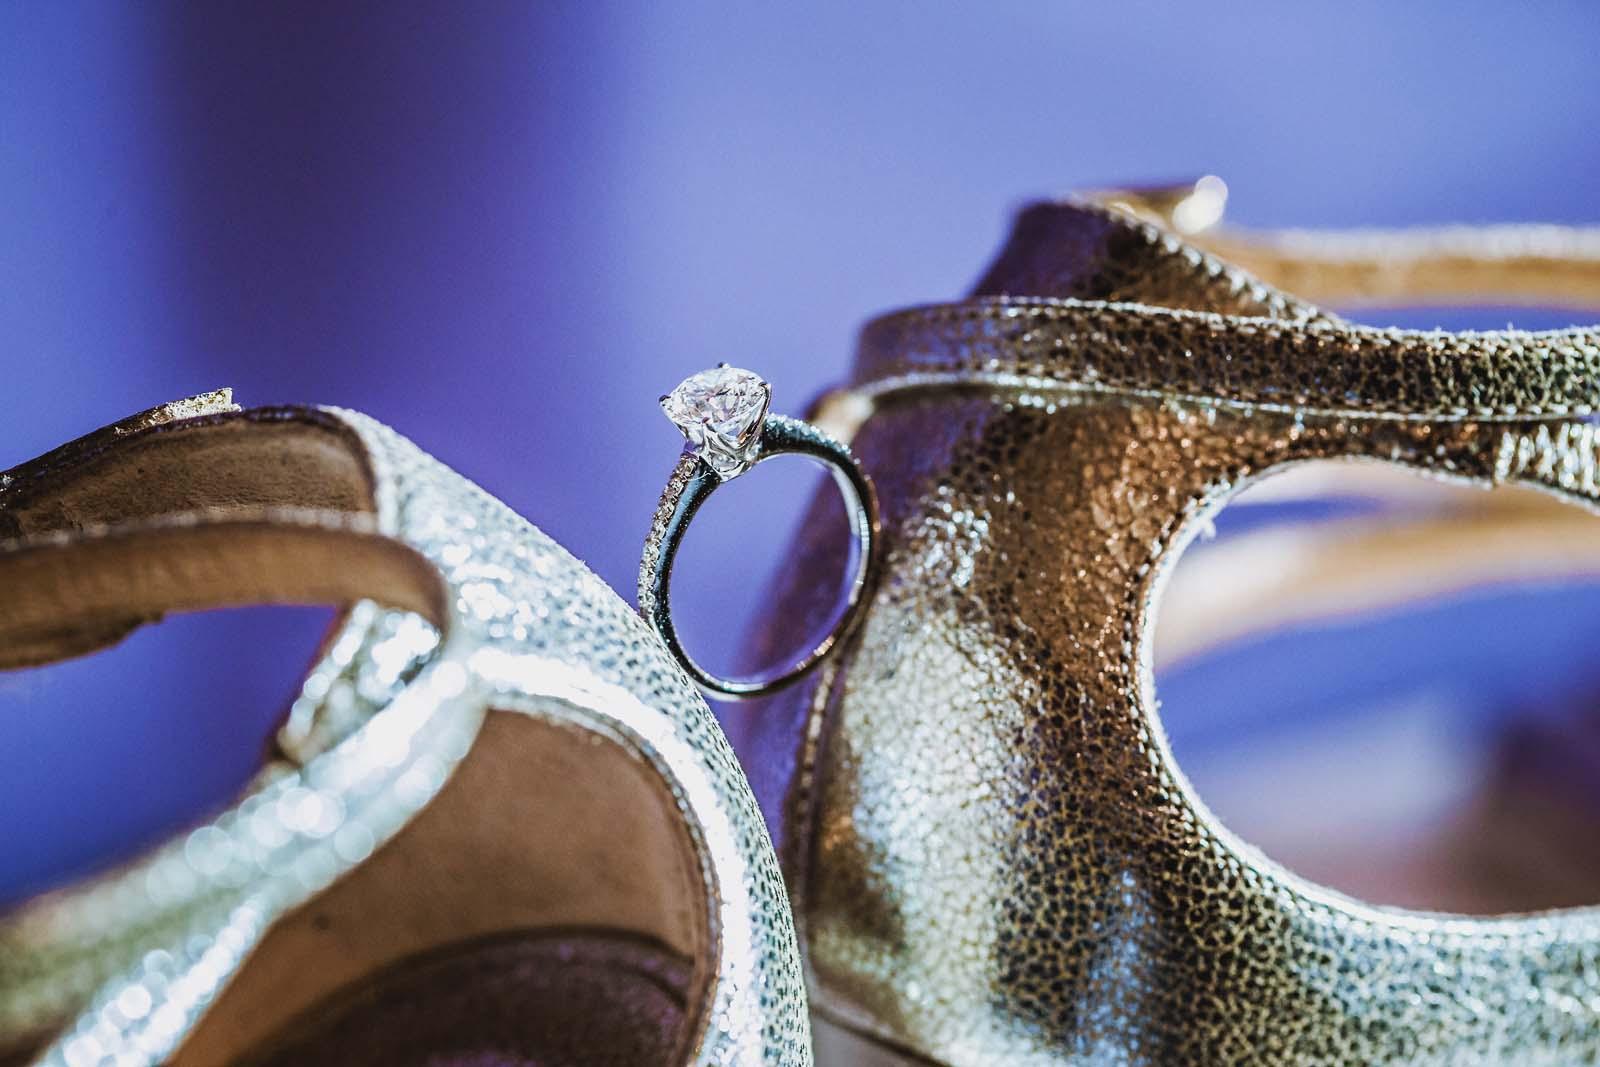 Verlobungsring zwischen Brautschuhen auf einem Detailfoto einer Hochzeit Copyright by Hochzeitsfotograf www.berliner-hochzeitsfotografie.de